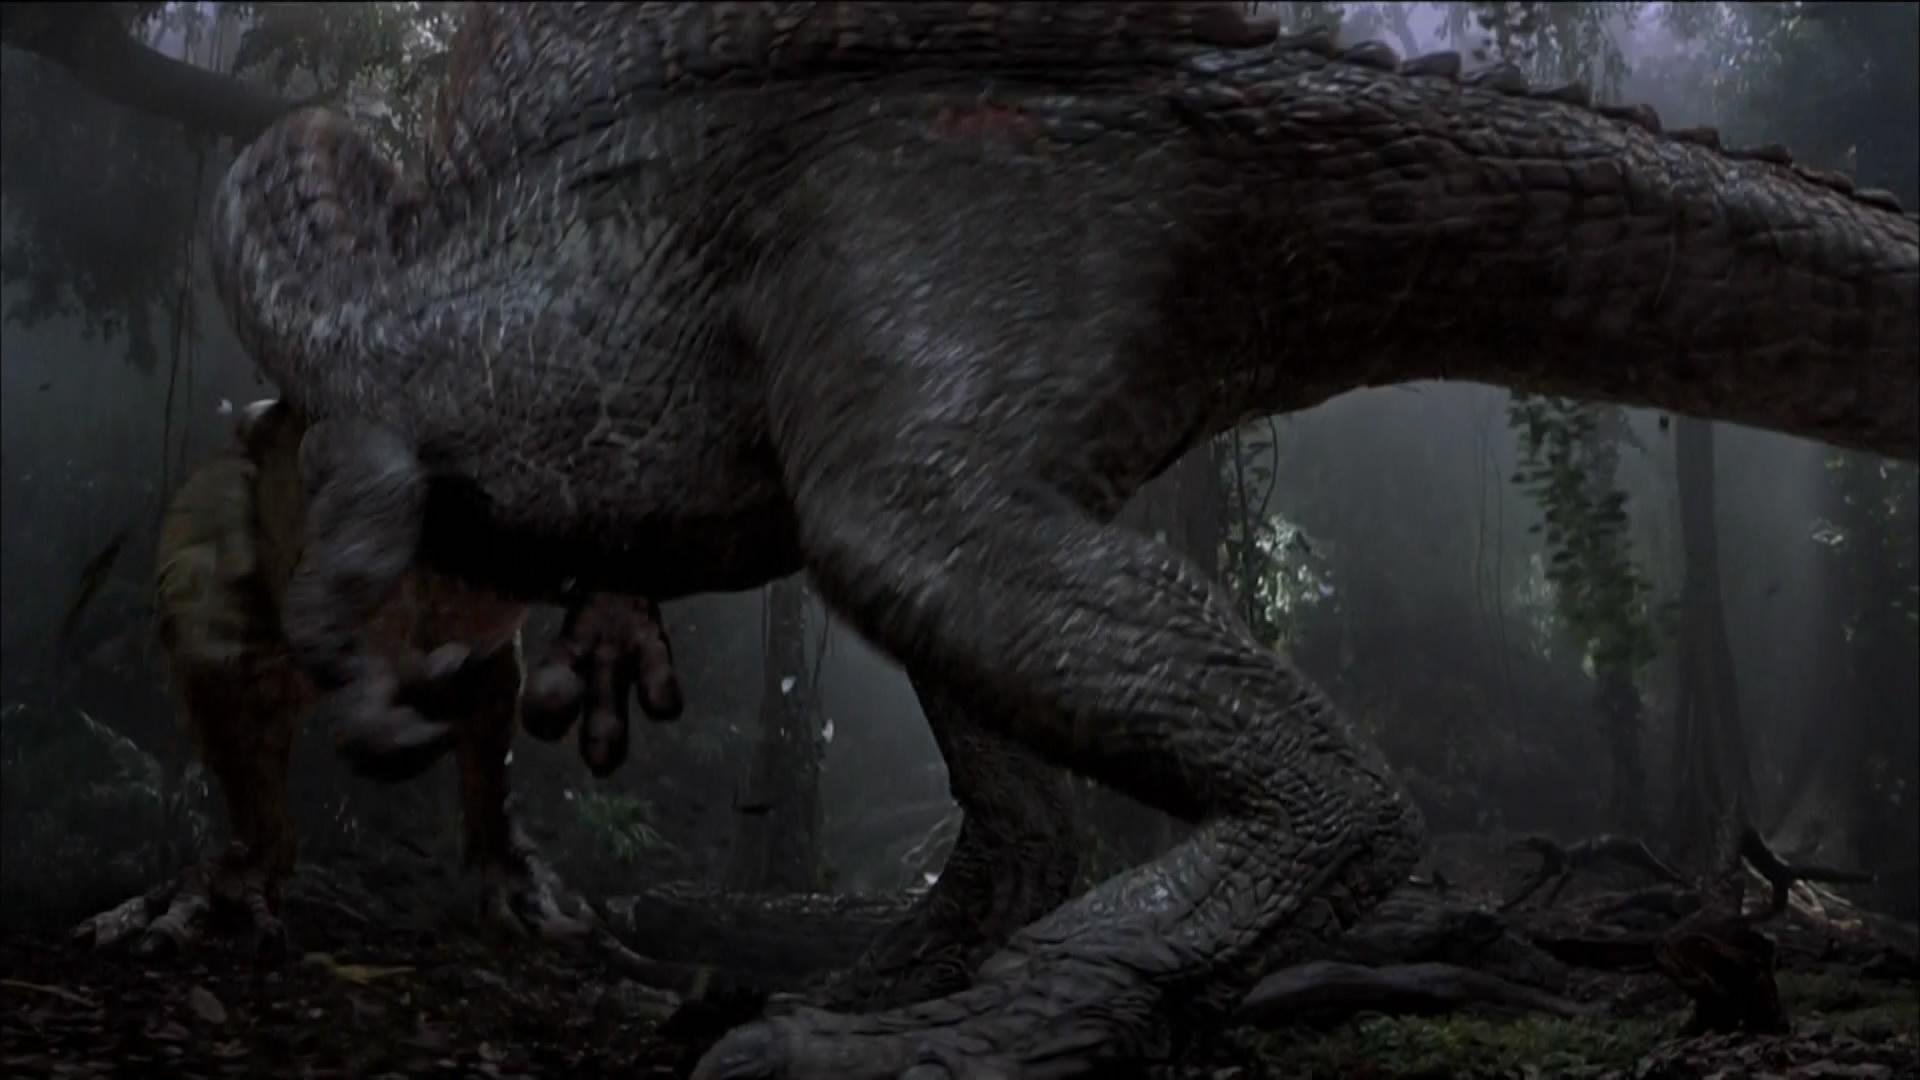 Jurassic Park Poster Wallpaper Jurassic Park Movie Wallpapers